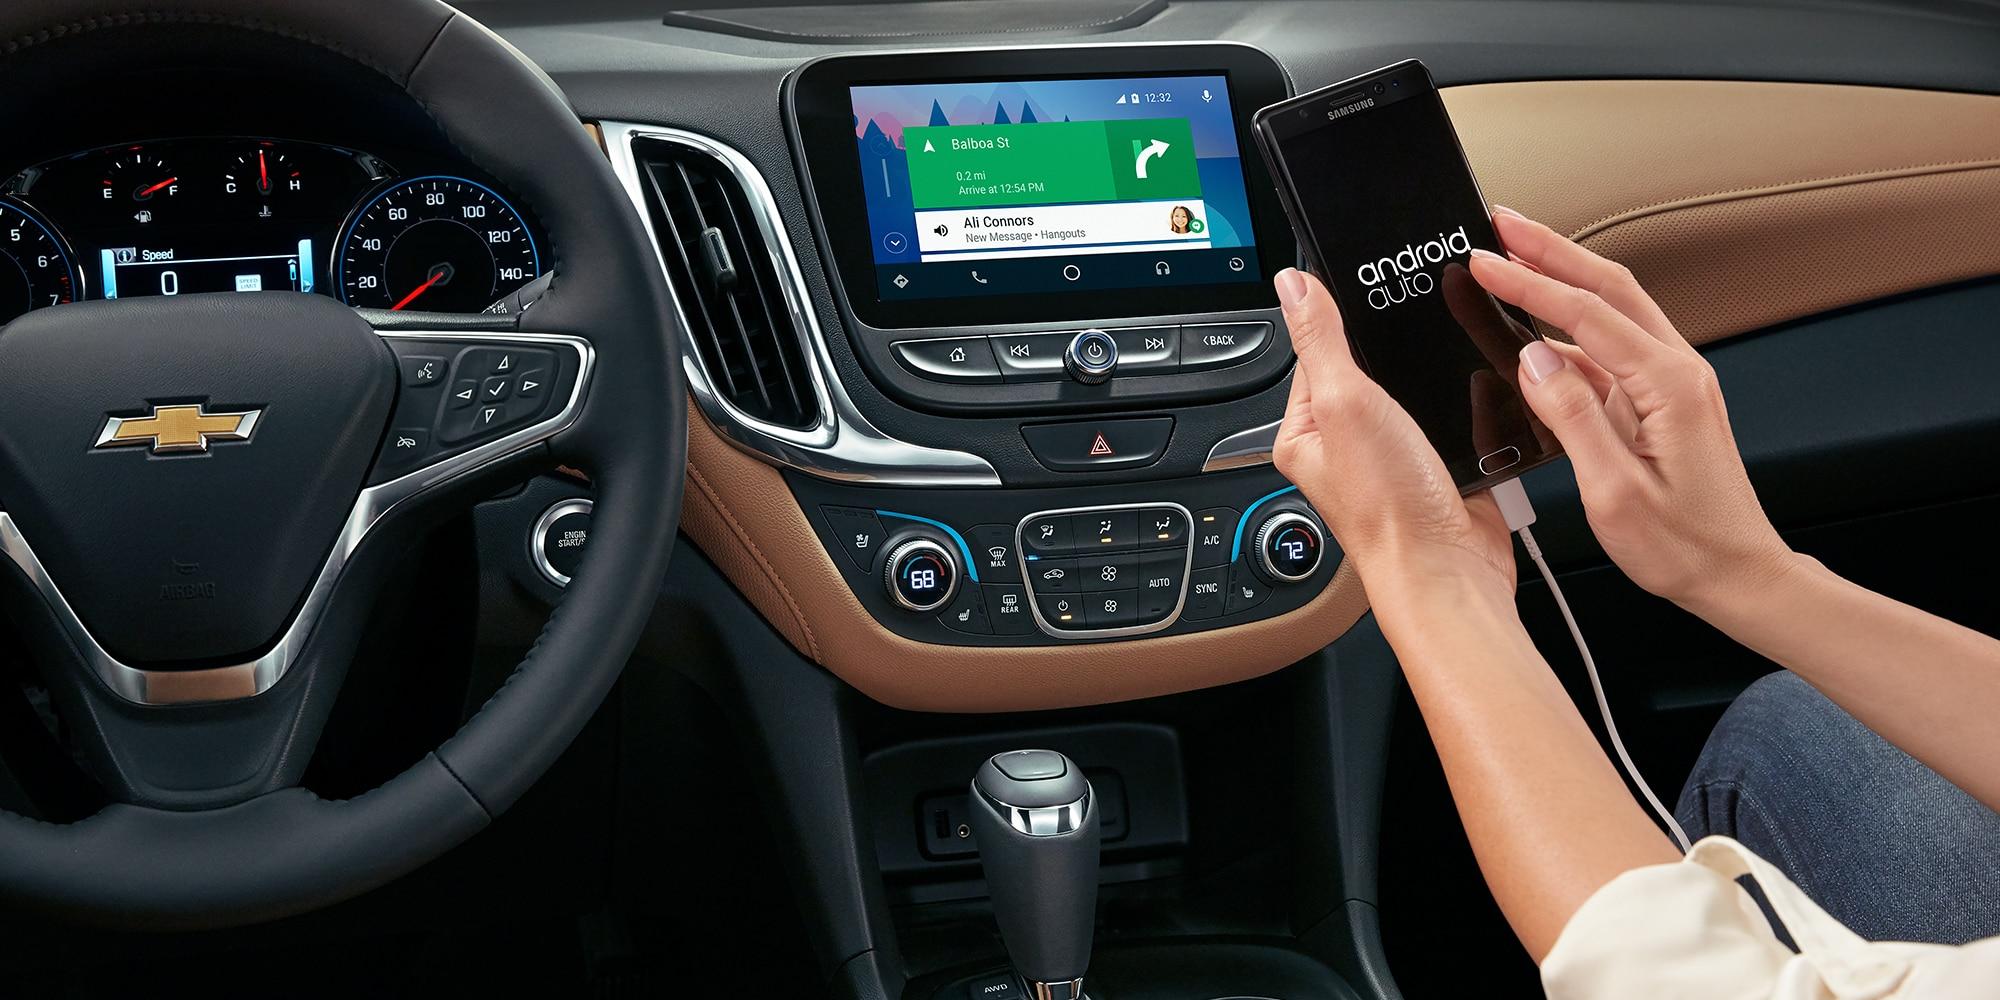 Conectividad Chevrolet: Android Auto